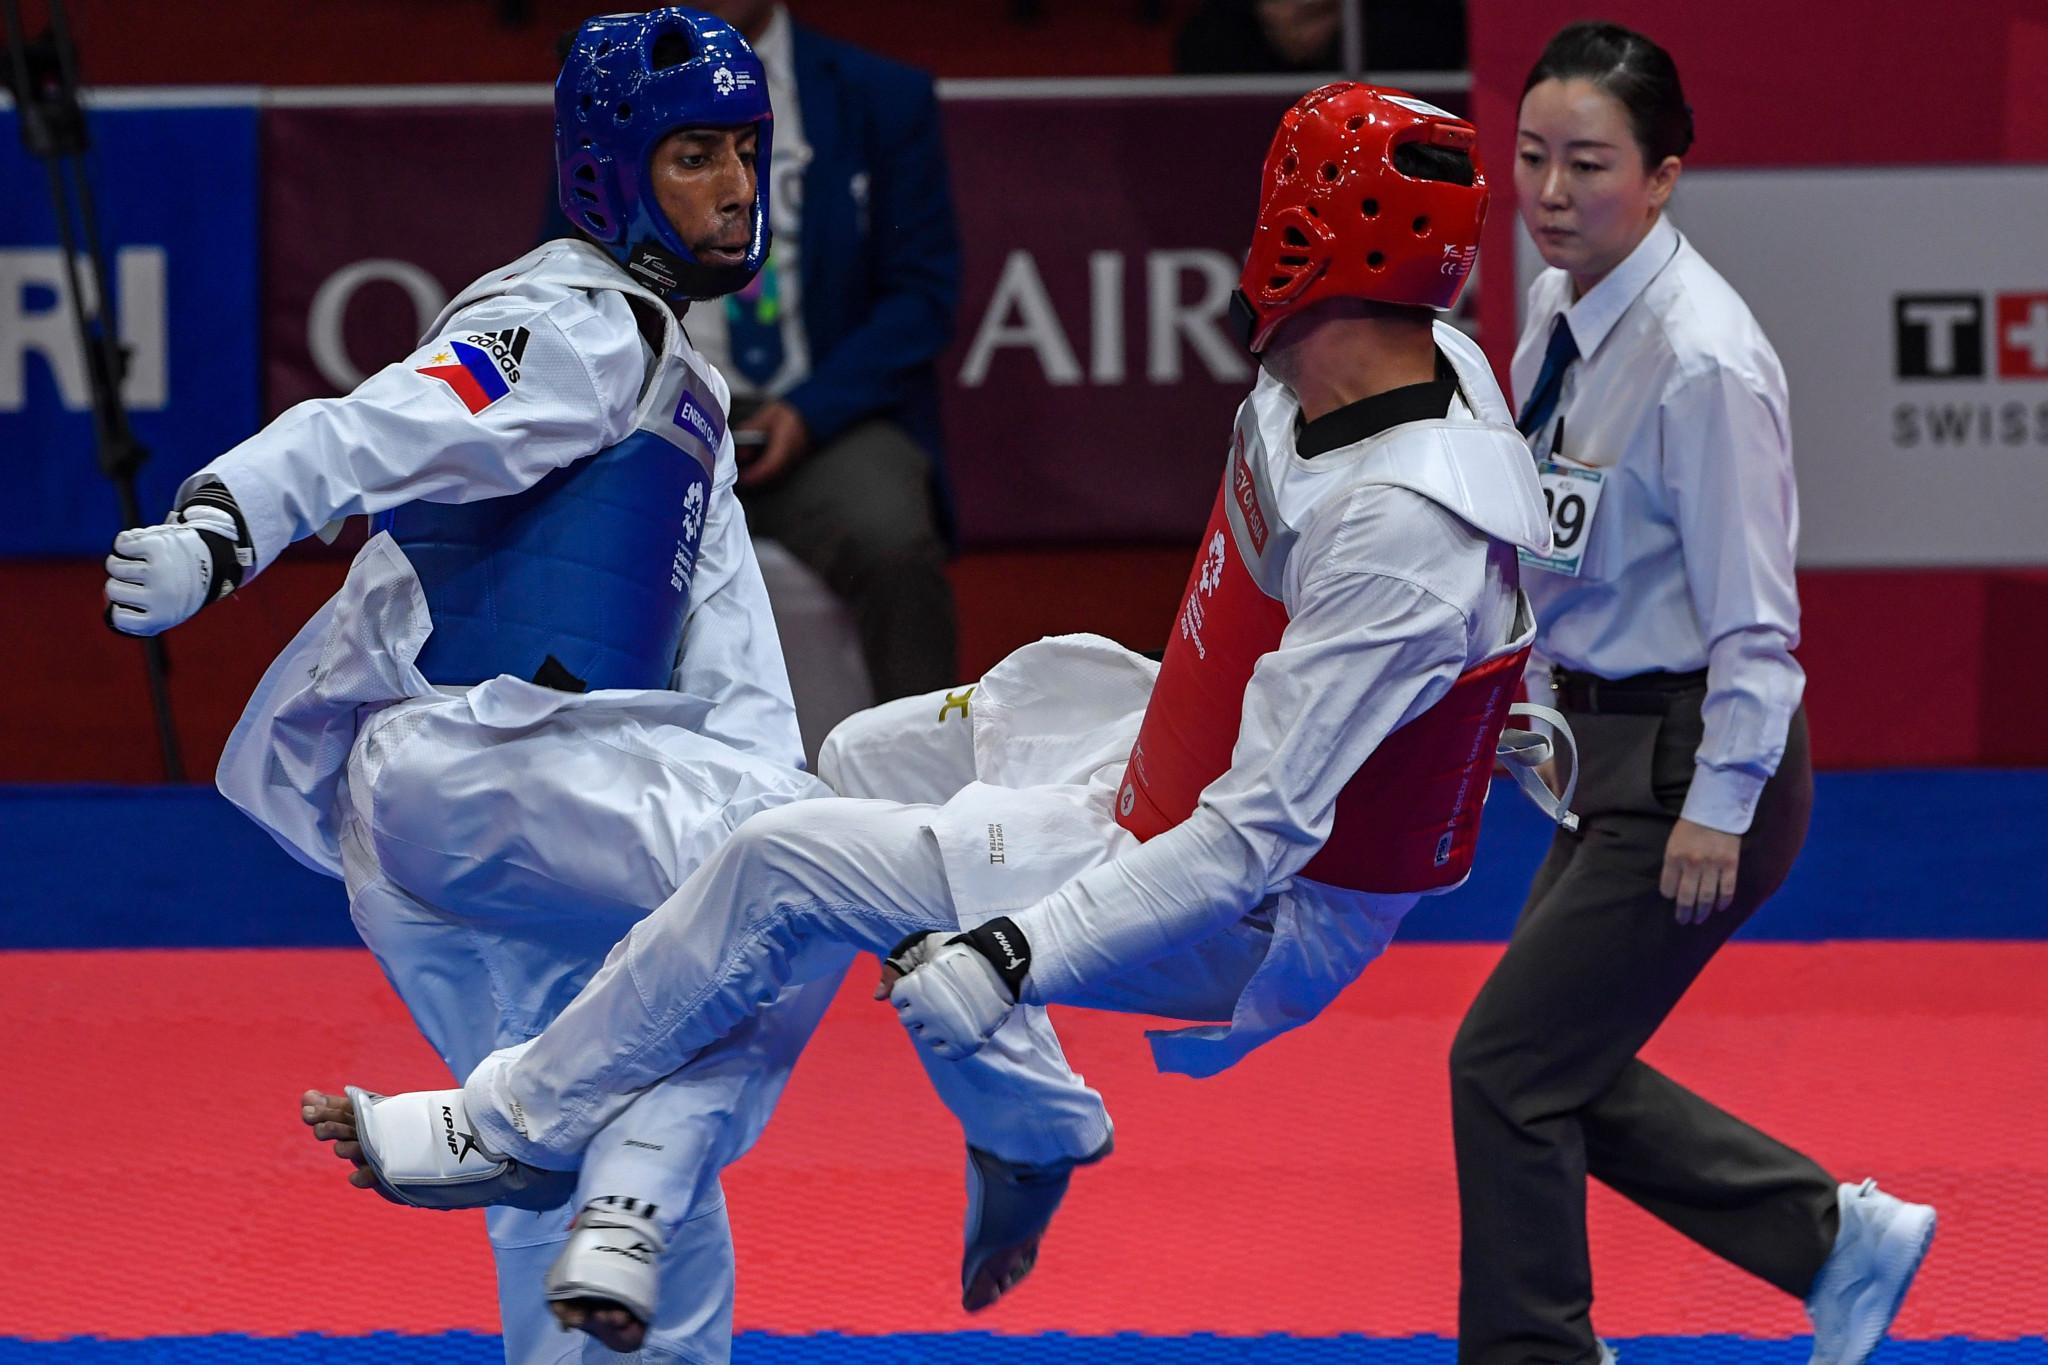 Filipino taekwondo stars keep training at home during COVID-19 pandemic